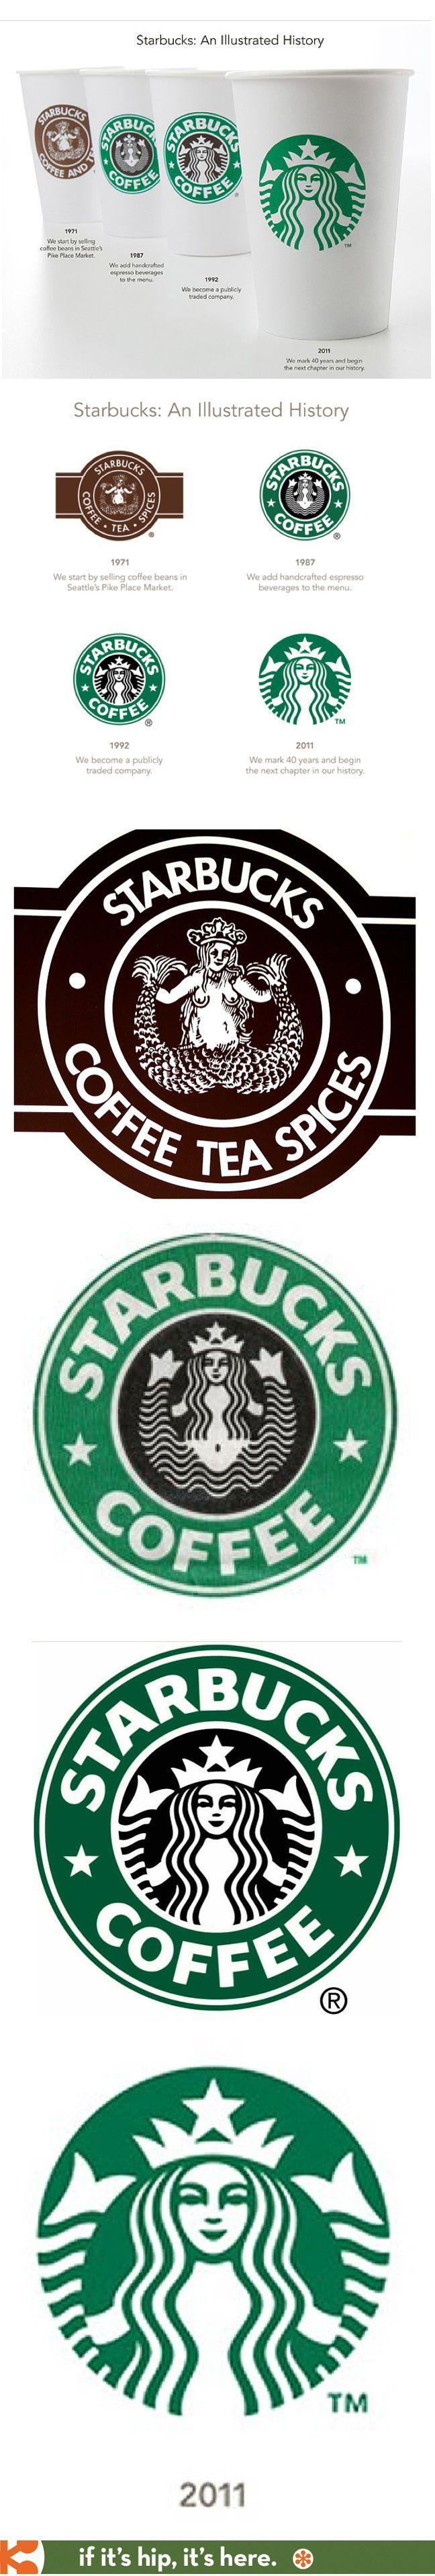 Evolution of the Starbucks logo